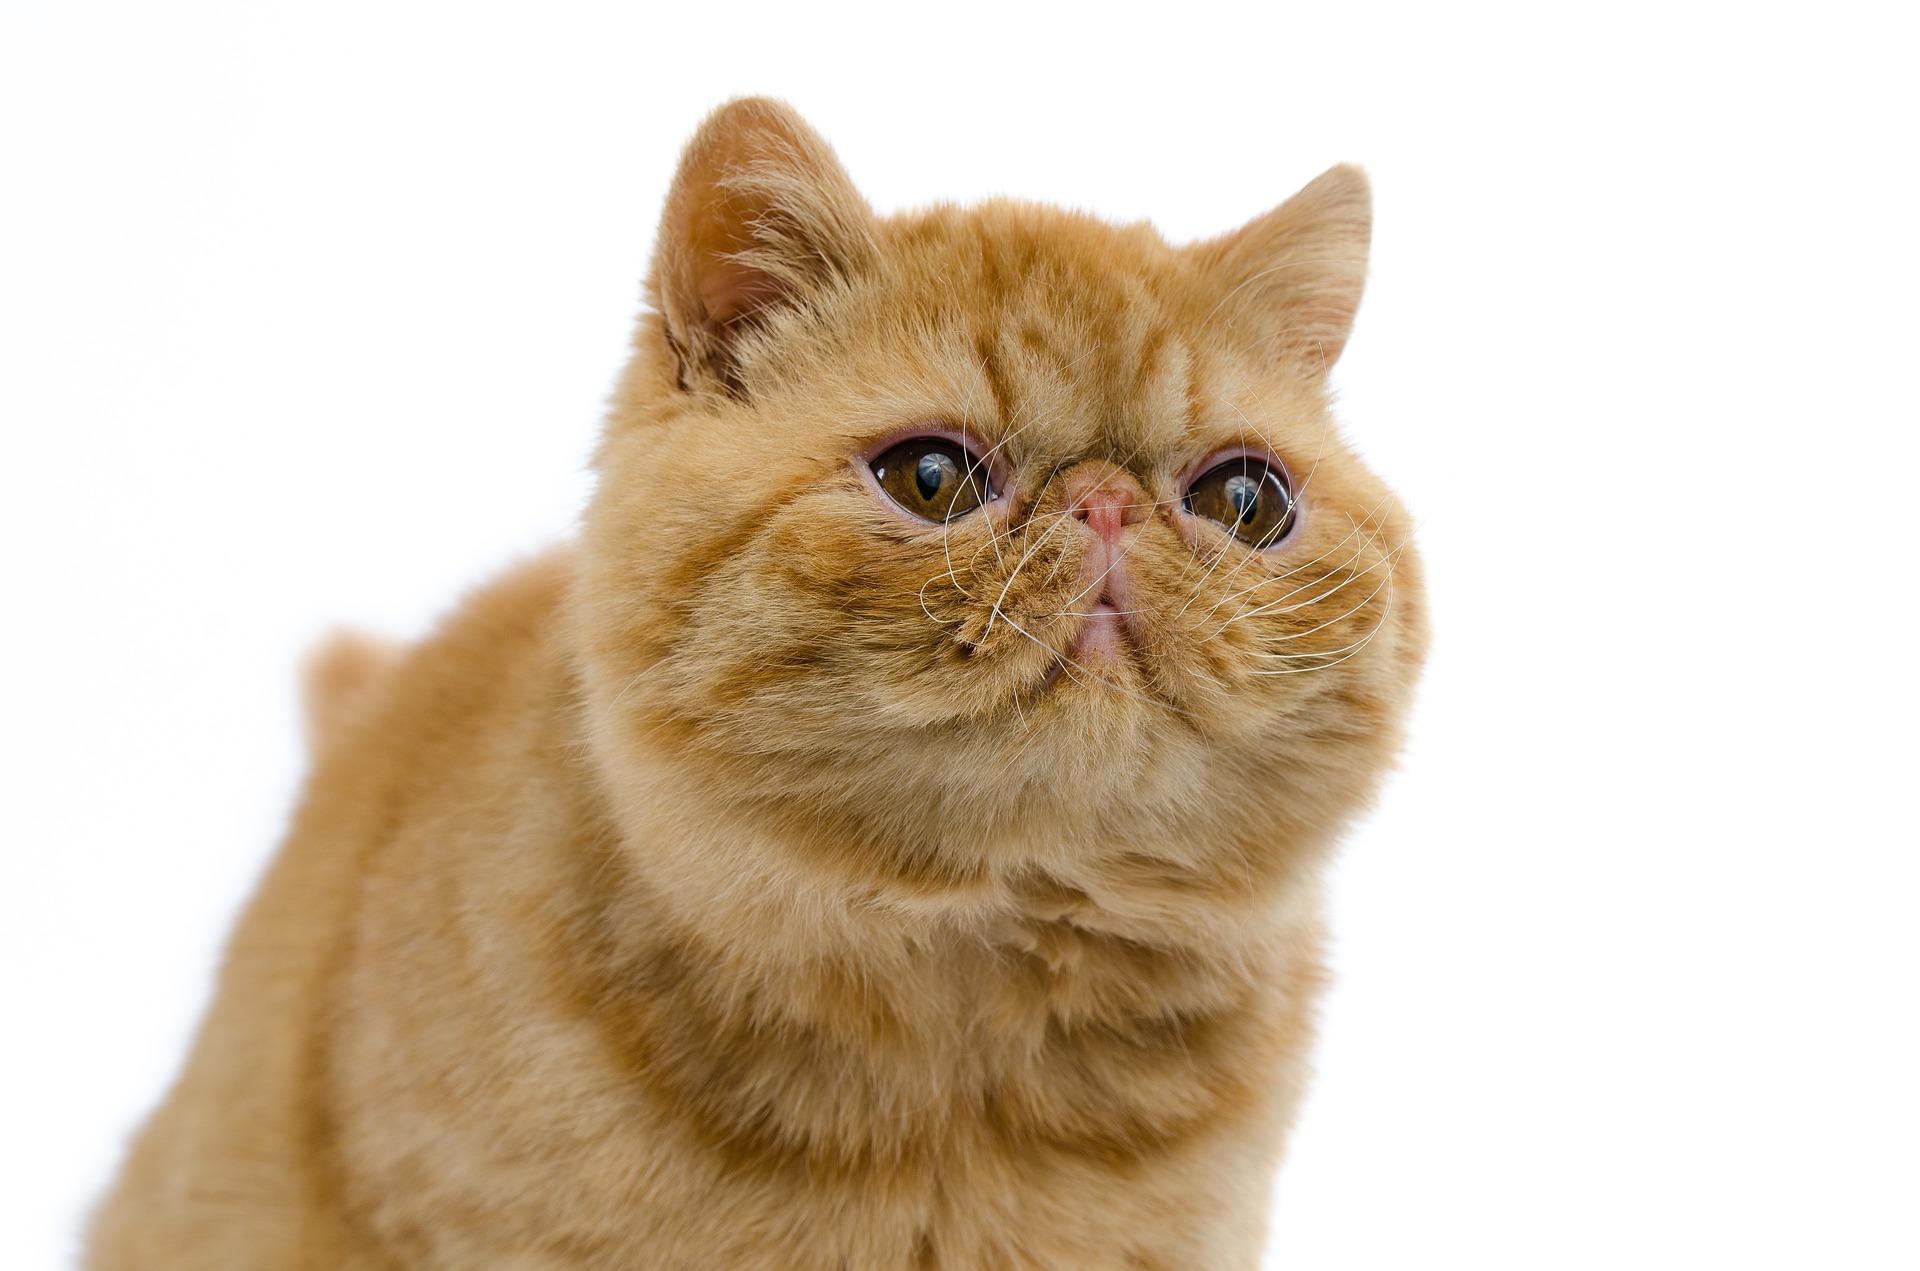 cat-4343862_1920